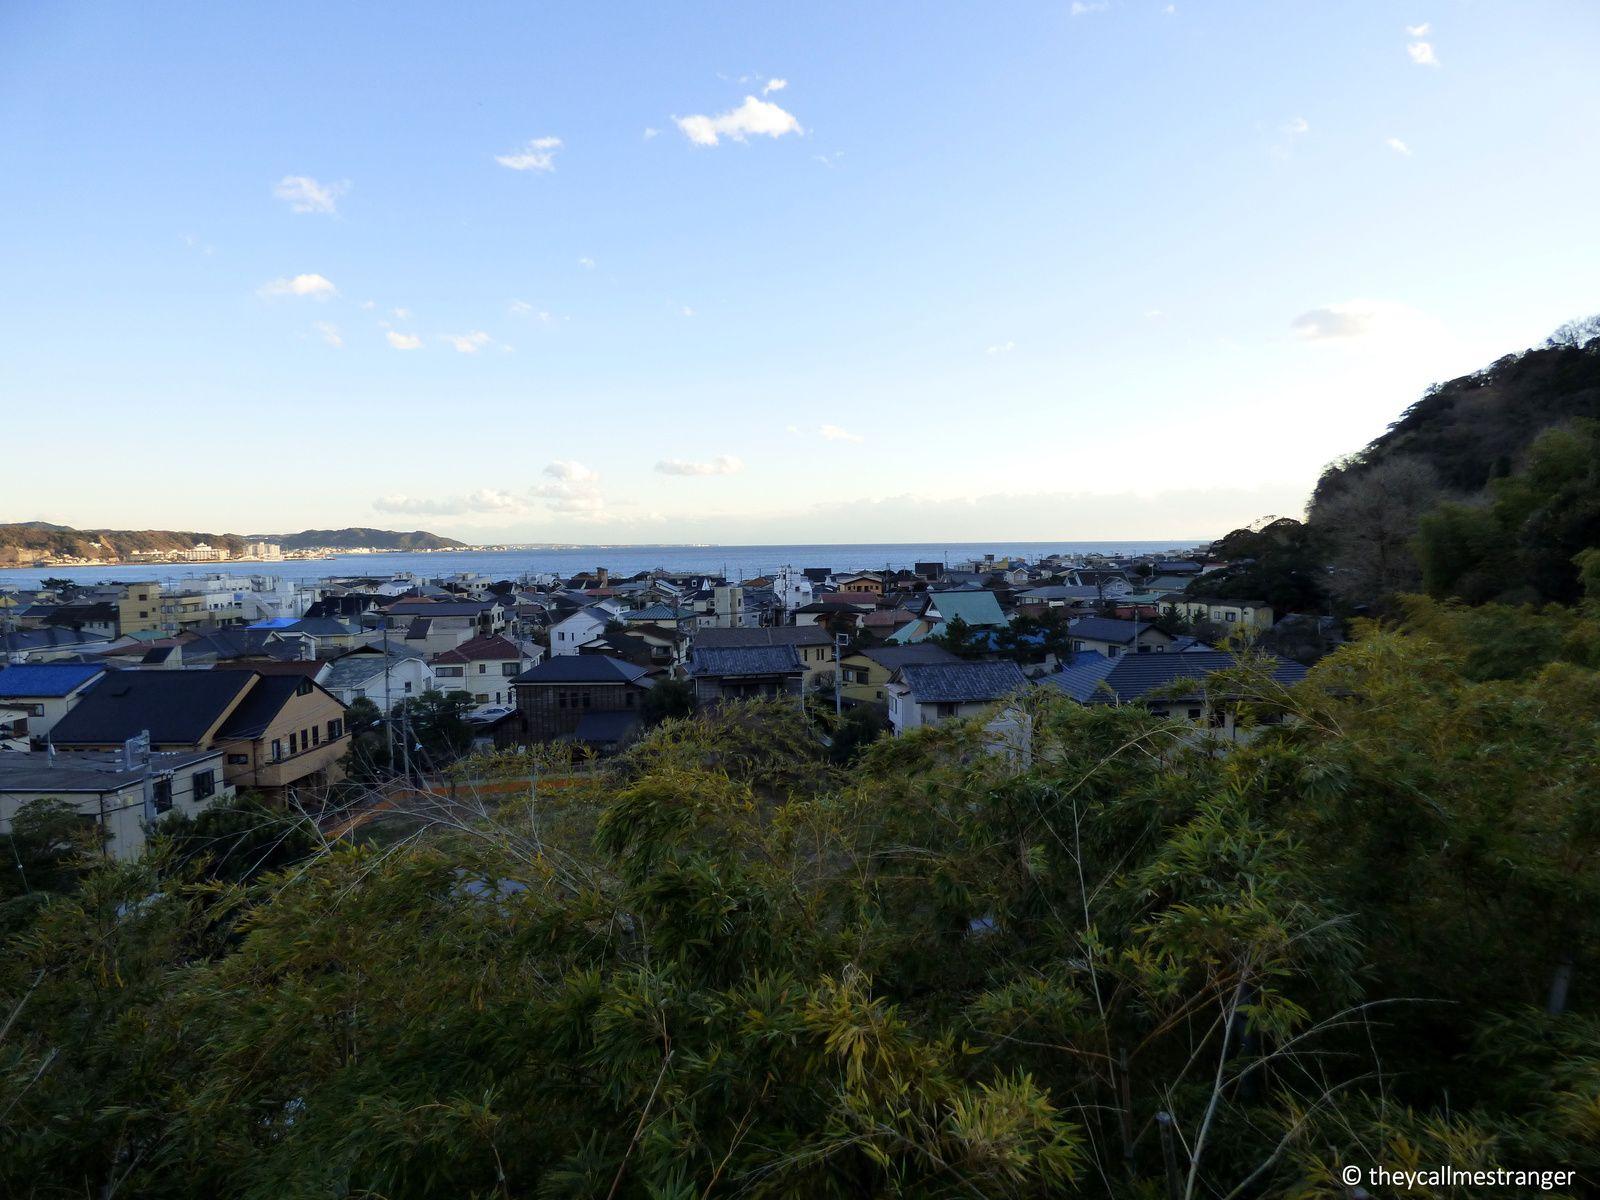 Le temple Hase-dera et ses milliers de petites statues, Kamakura